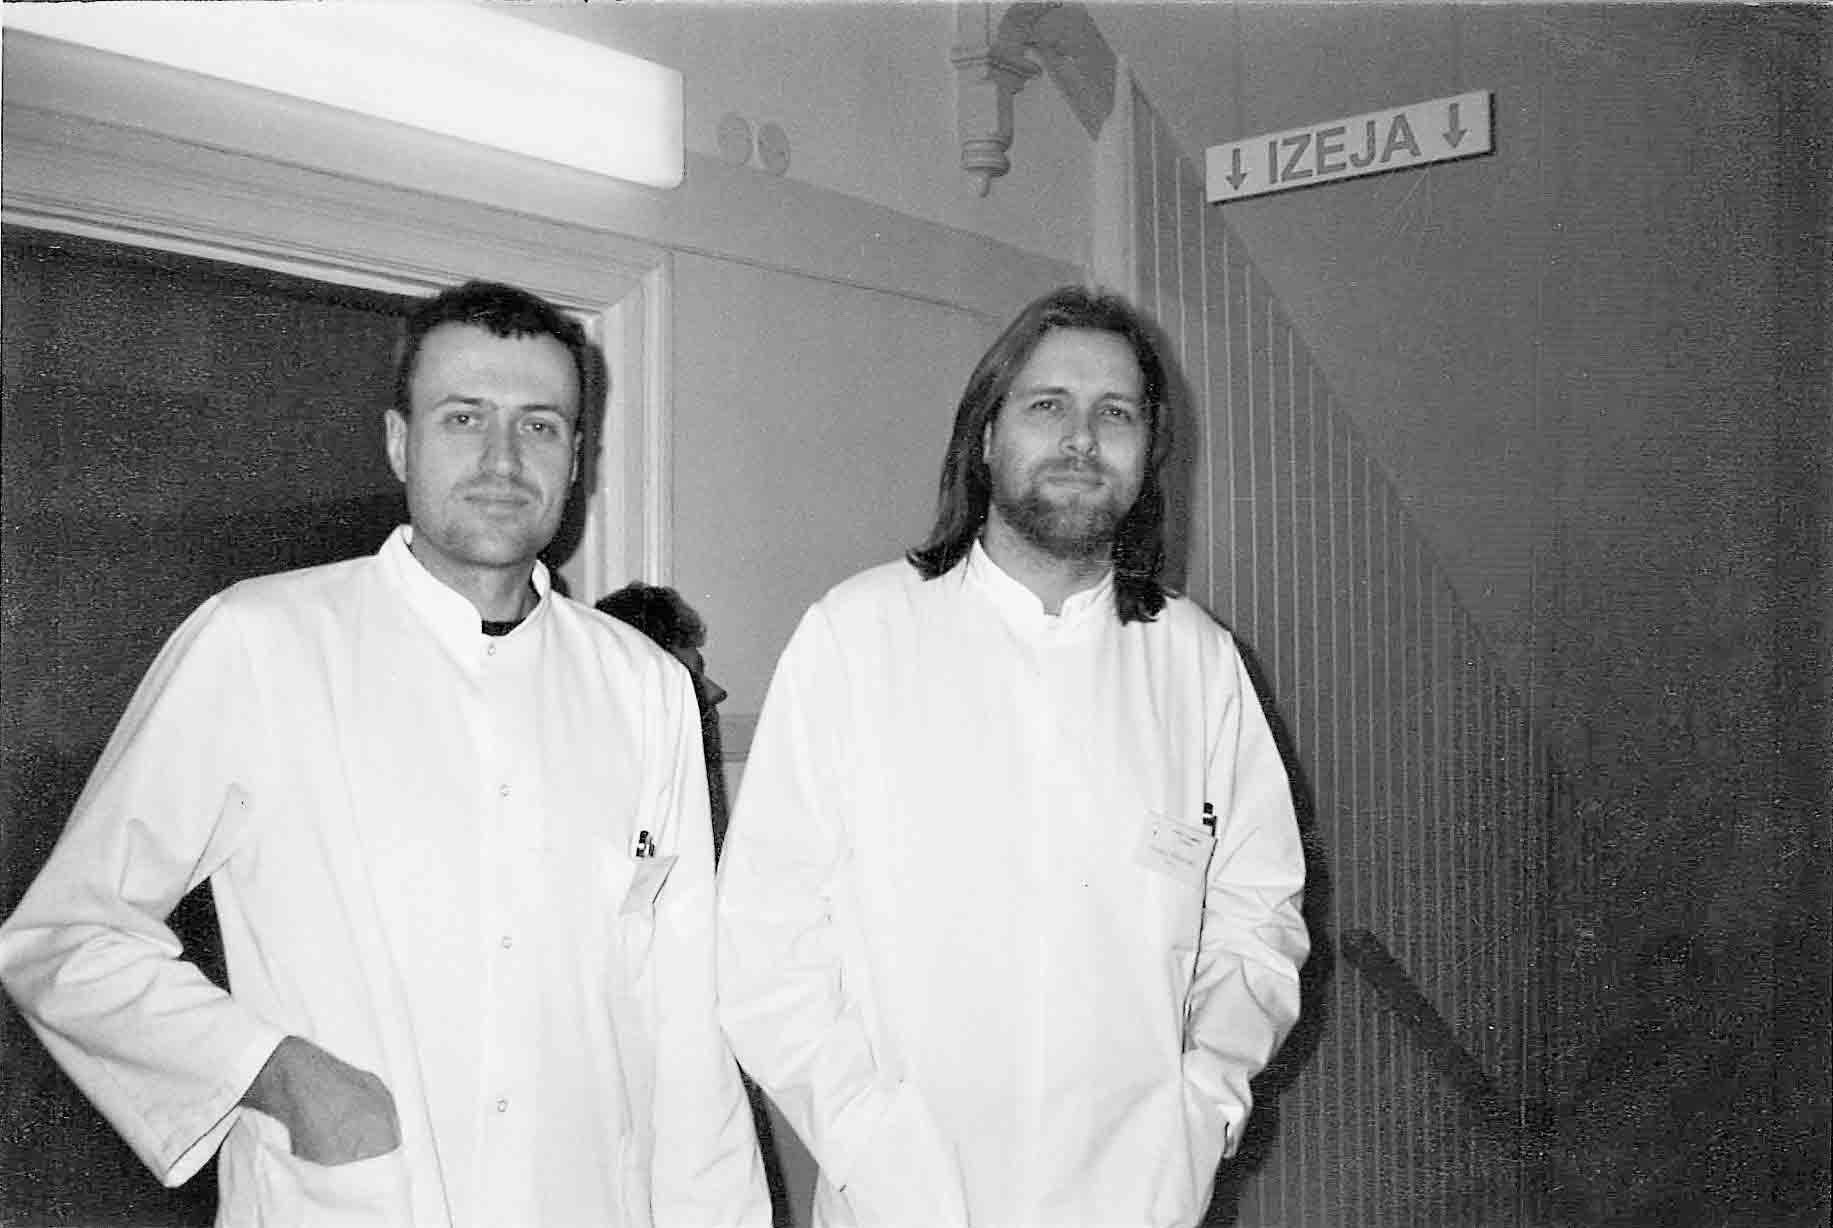 Jaunie ķirurgi. Ar jaunības laiku kolēģi Robertu Poļakovu